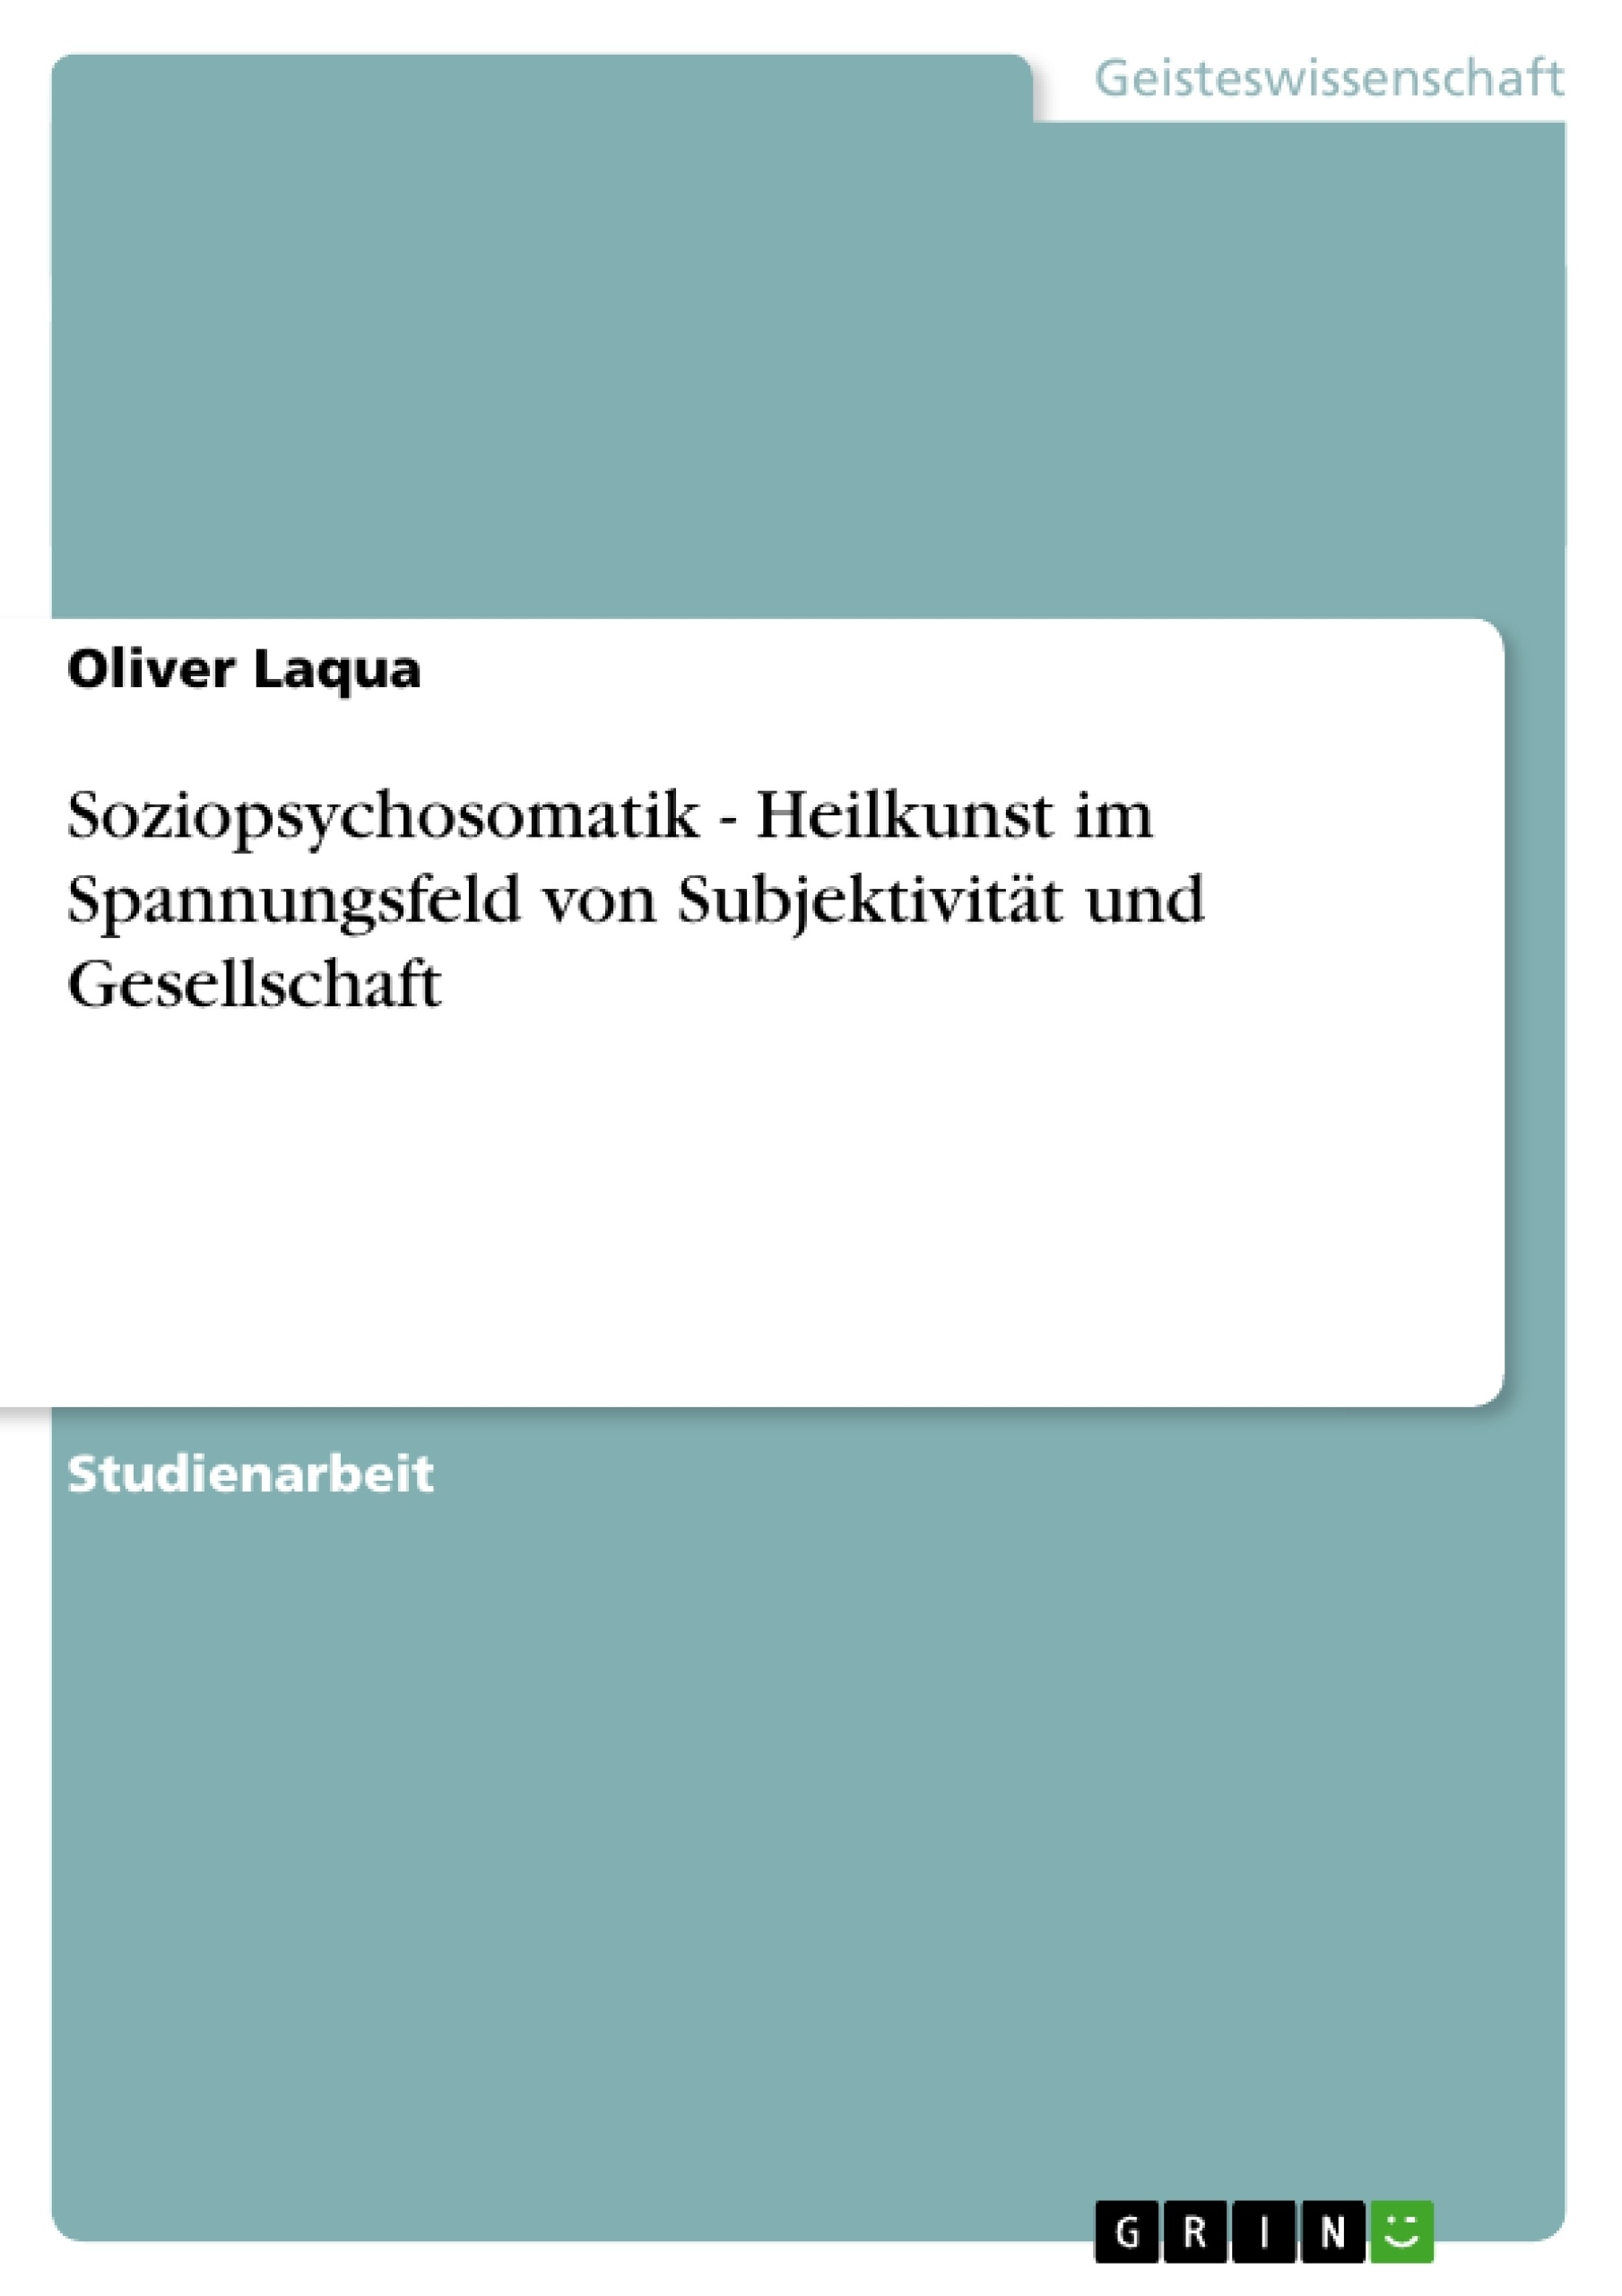 Titel: Soziopsychosomatik - Heilkunst im Spannungsfeld von Subjektivität und Gesellschaft